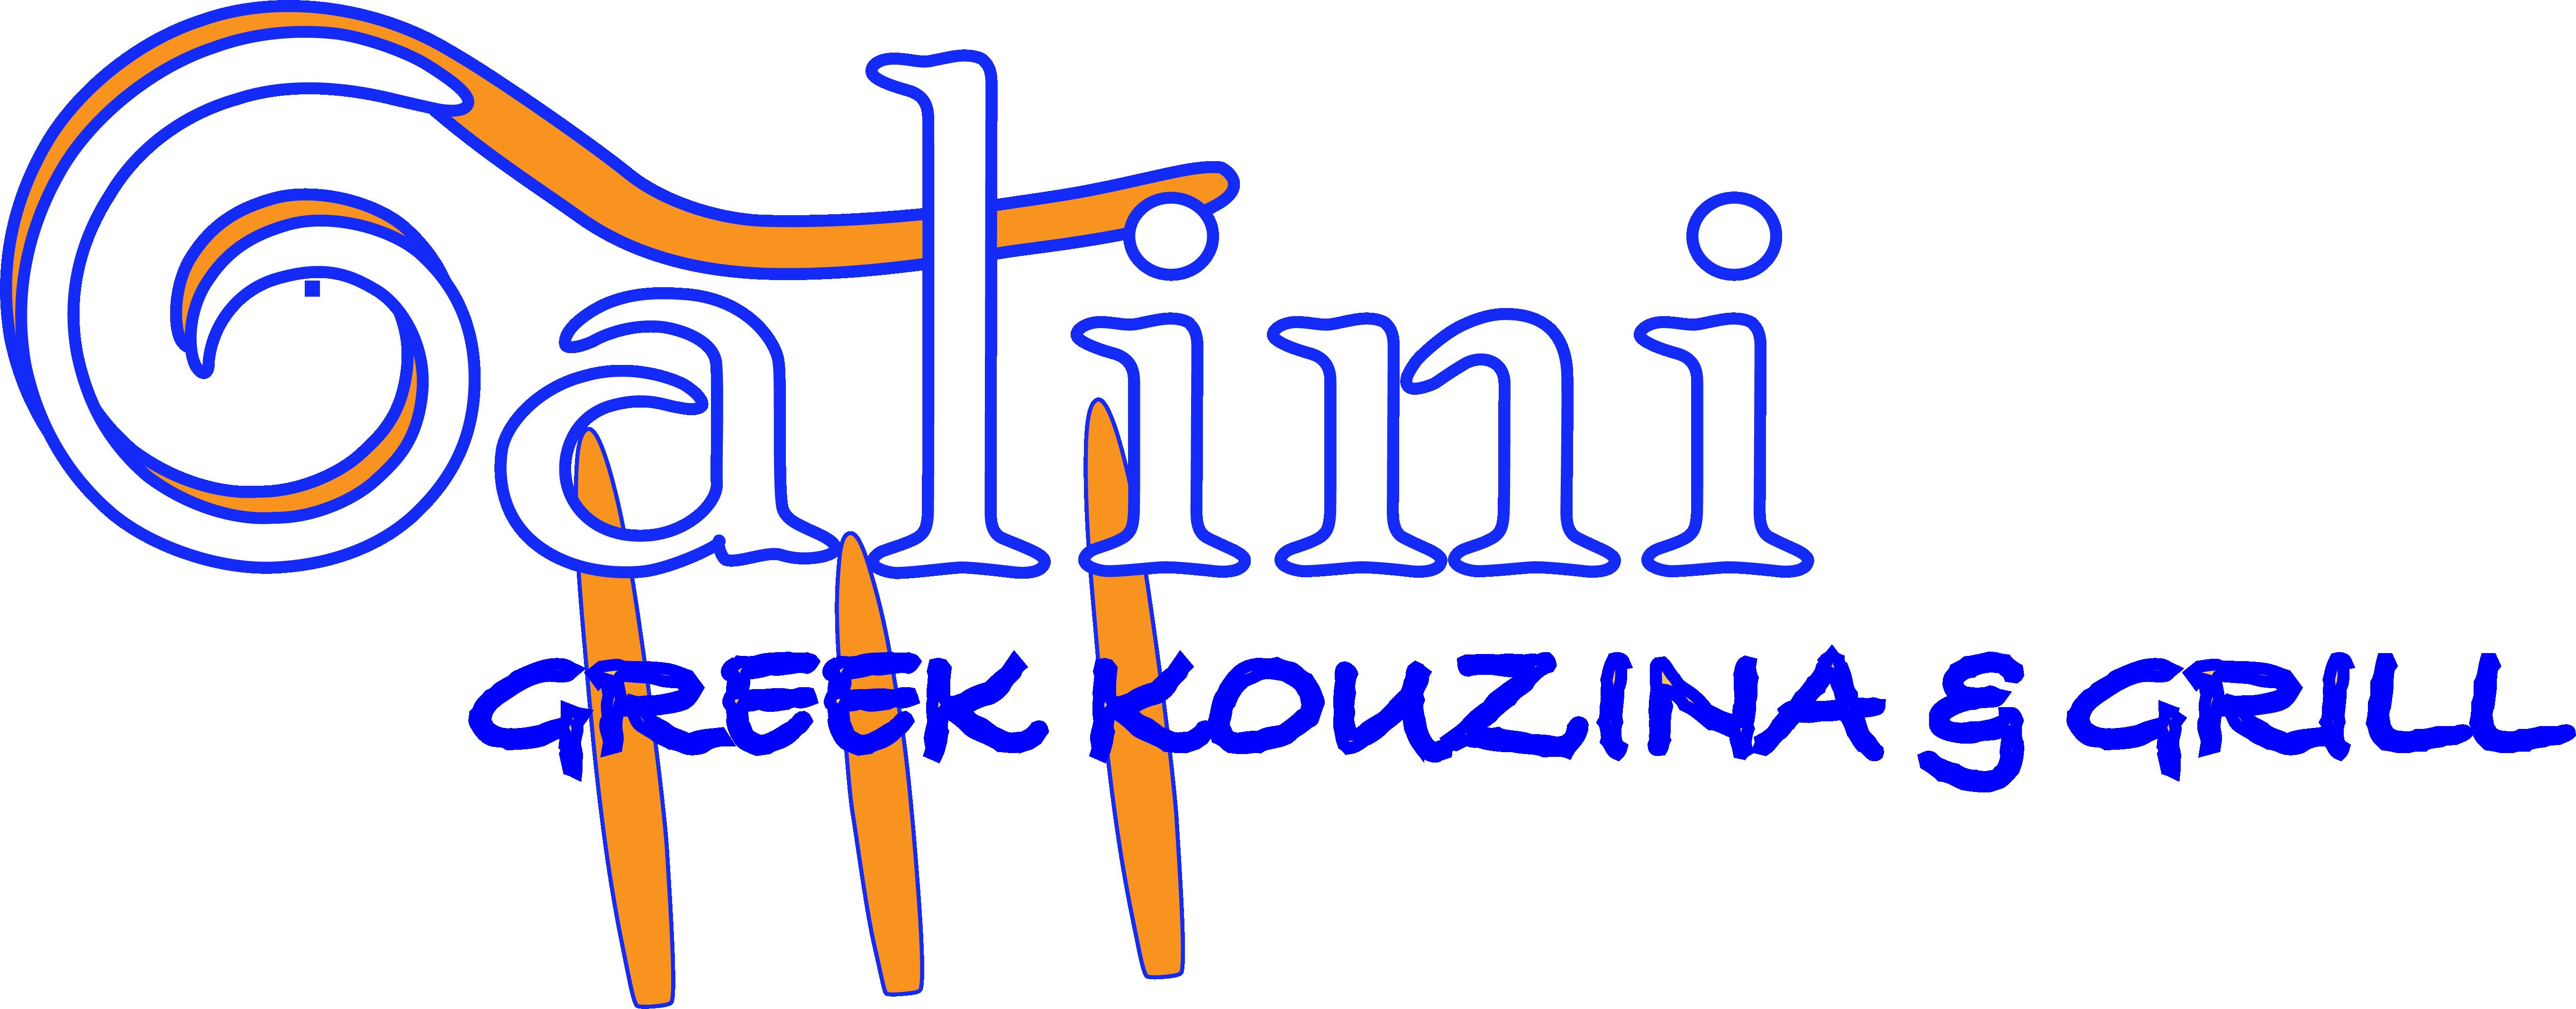 Galini Logo